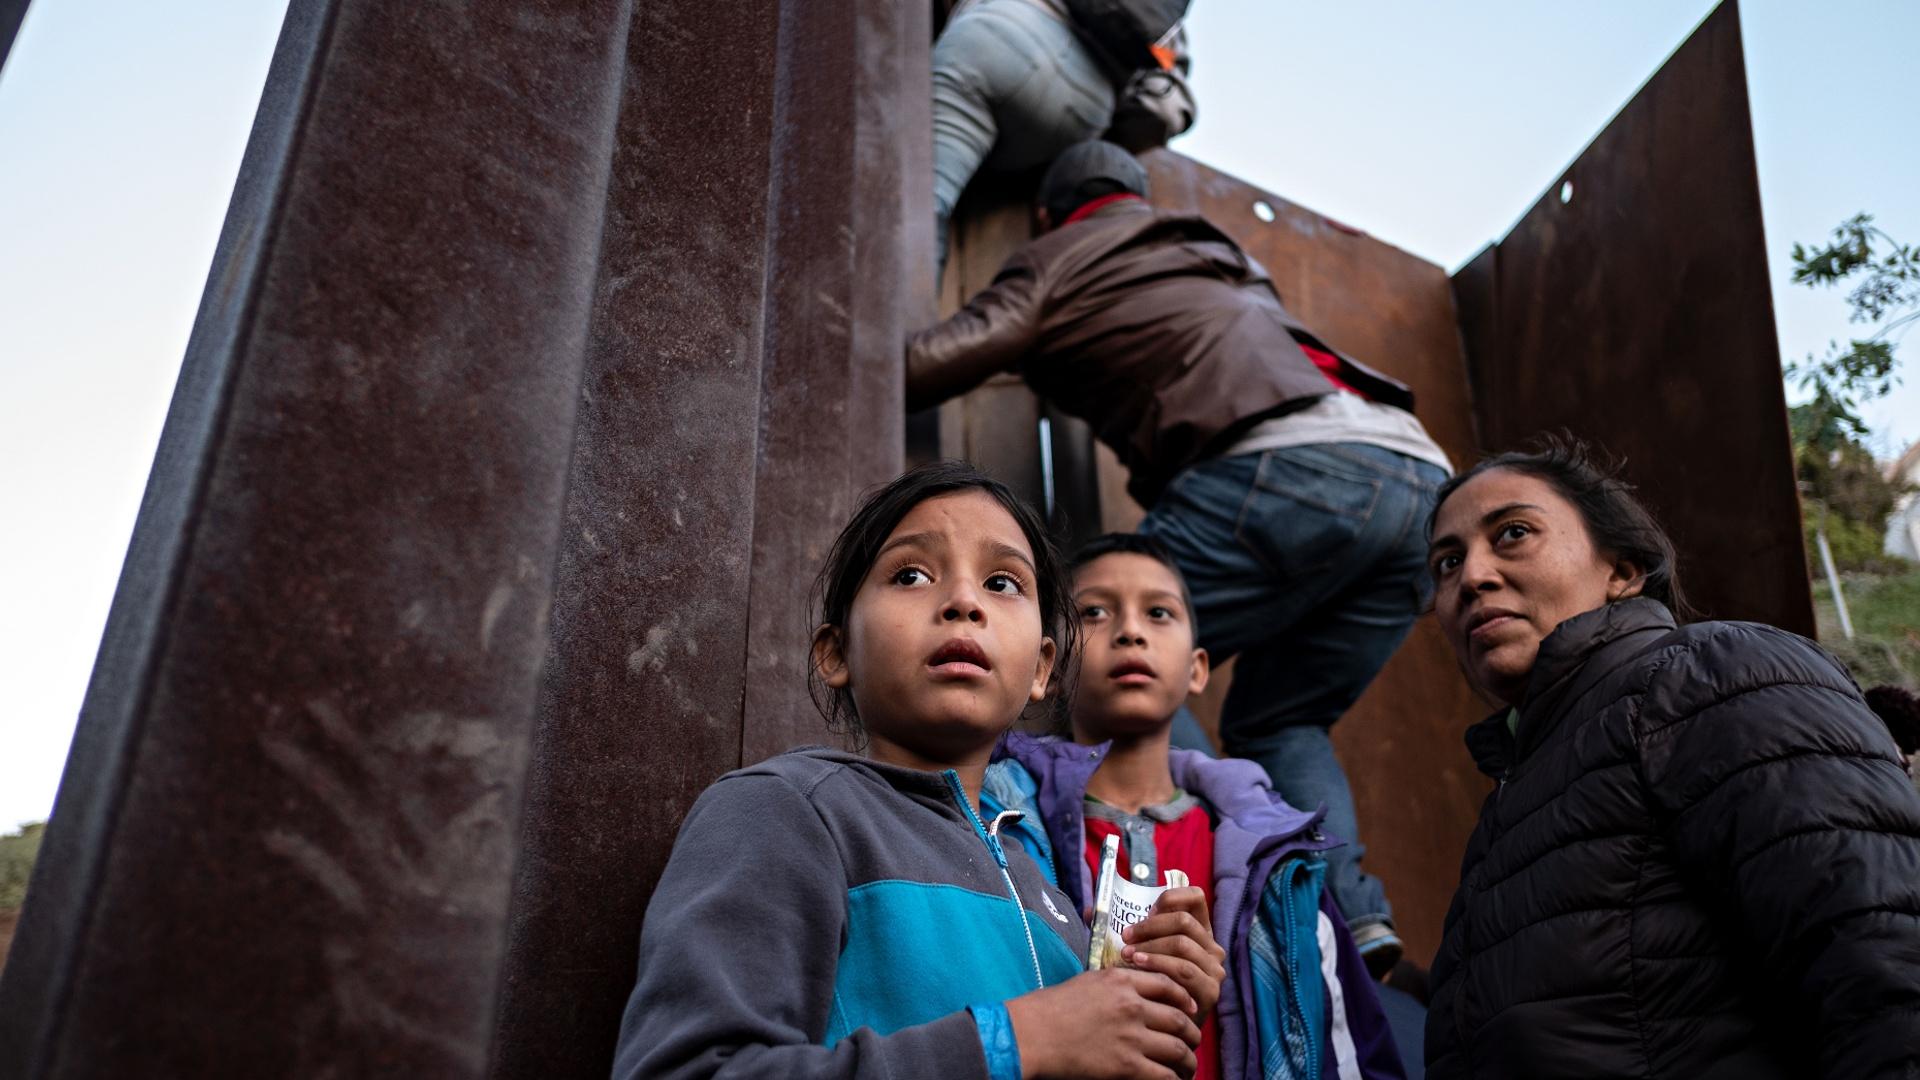 В США снова задержали мигрантов, которые проникли из Тихуаны